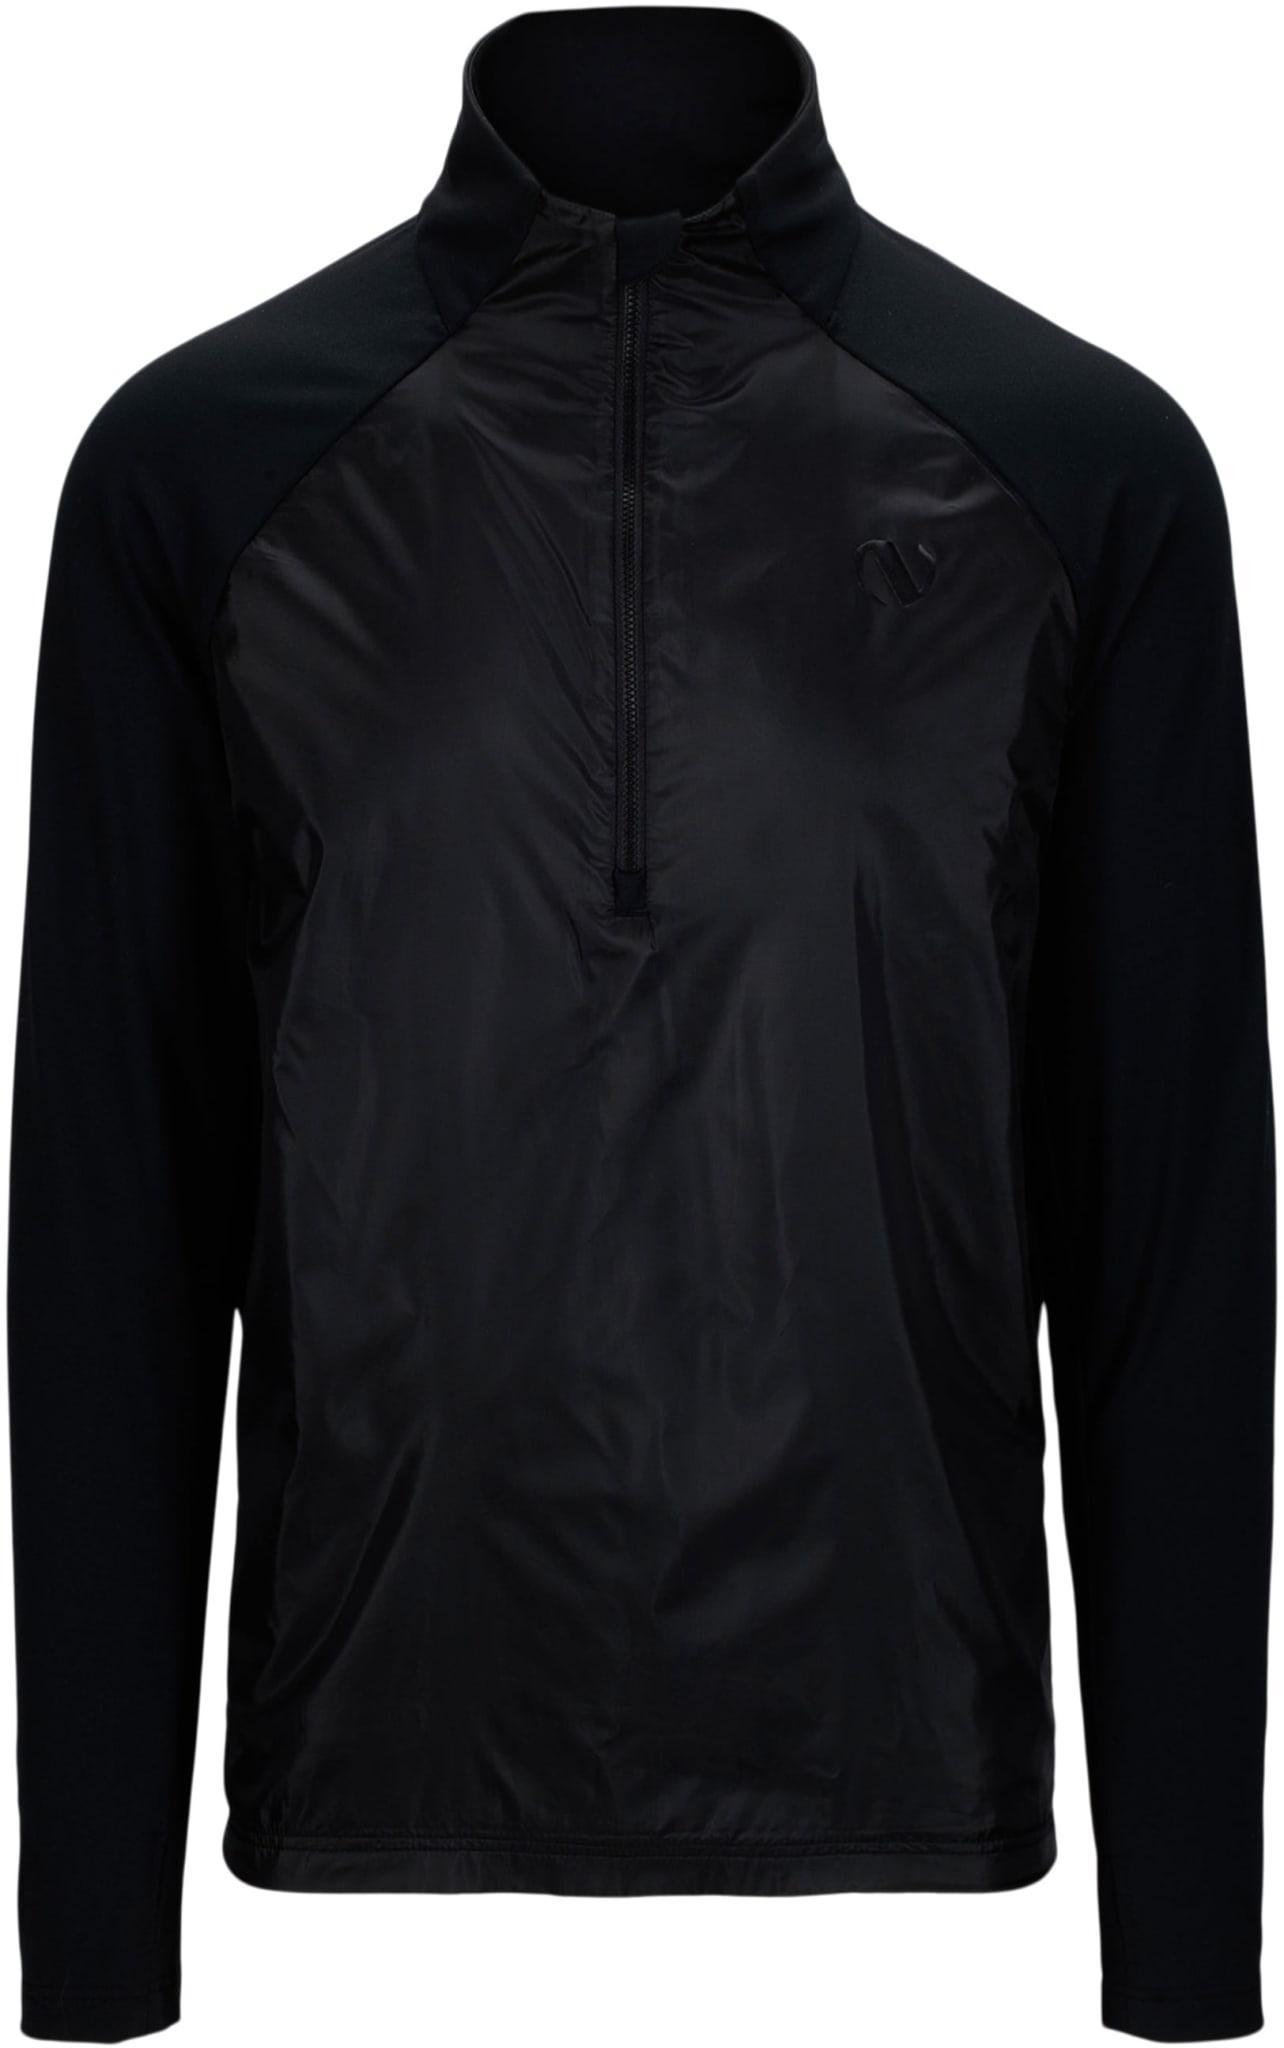 Allsidig jakke med vindtett front